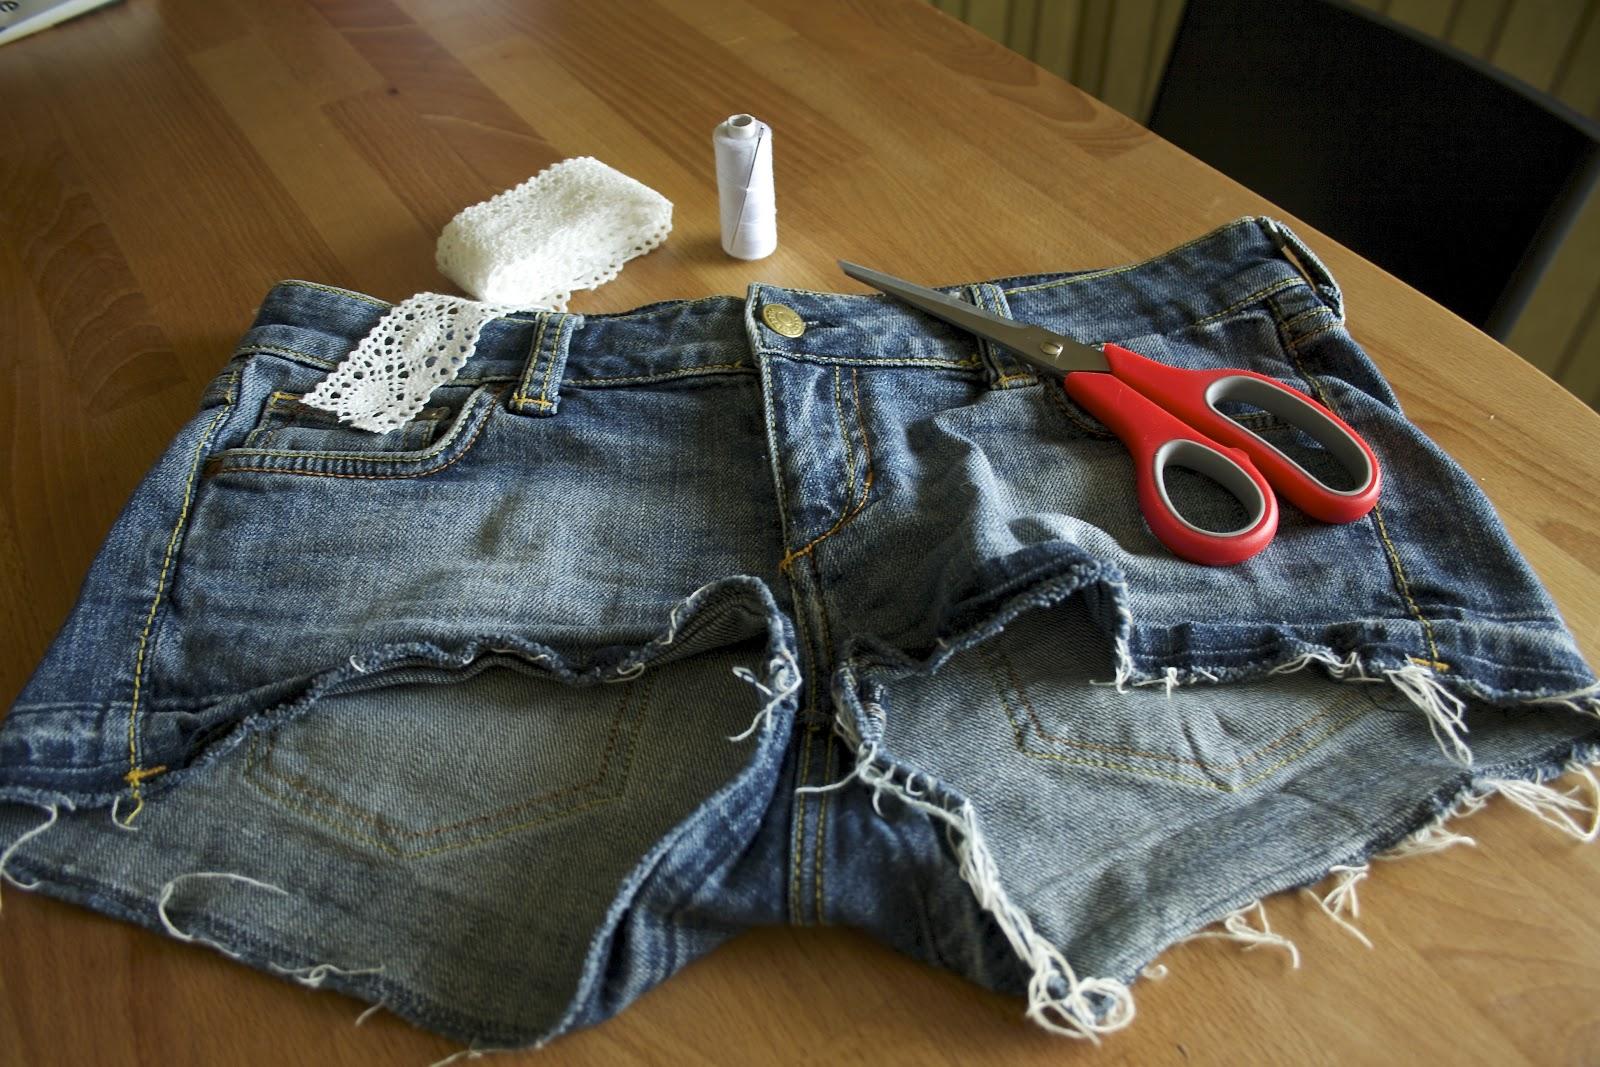 4706e17e4f84 För några veckor sedan skrev jag ett inlägg om hur man kan använda  spetsband för att dekorera ett par byxor. Efter det har jag trillat över  fler tutorials ...